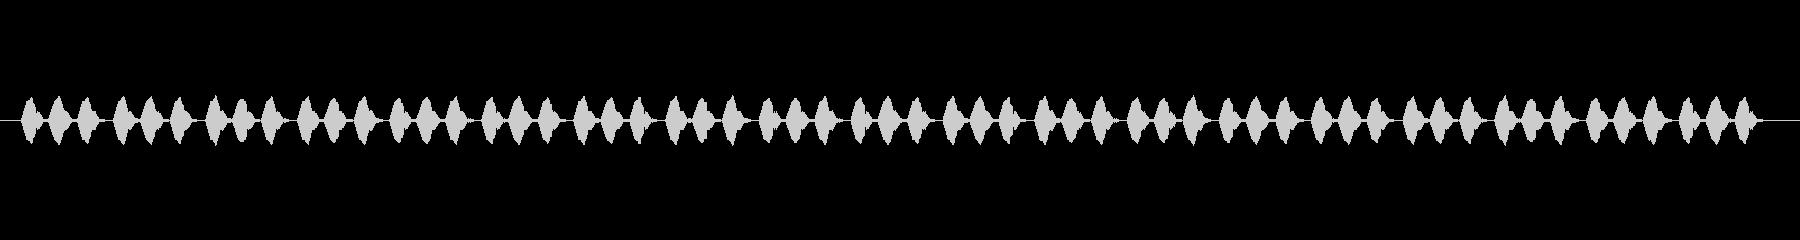 【慌てる03-4】の未再生の波形